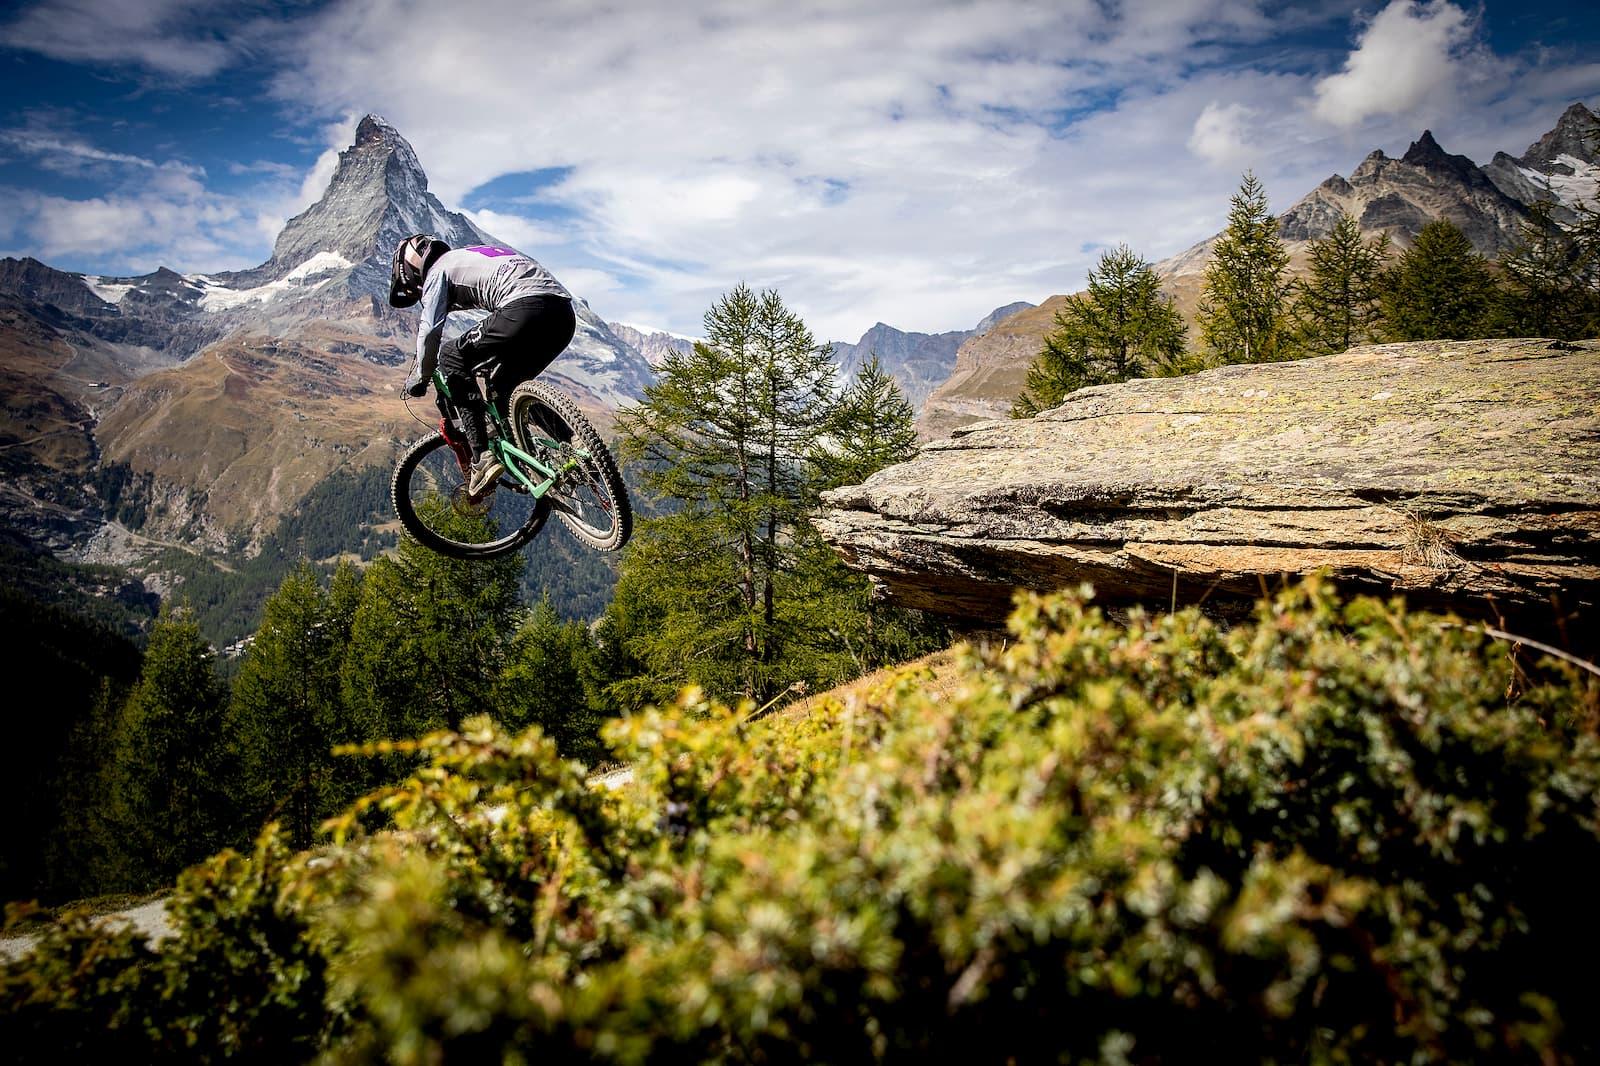 Enduro World Series 2019 - Round 8 - Zermatt